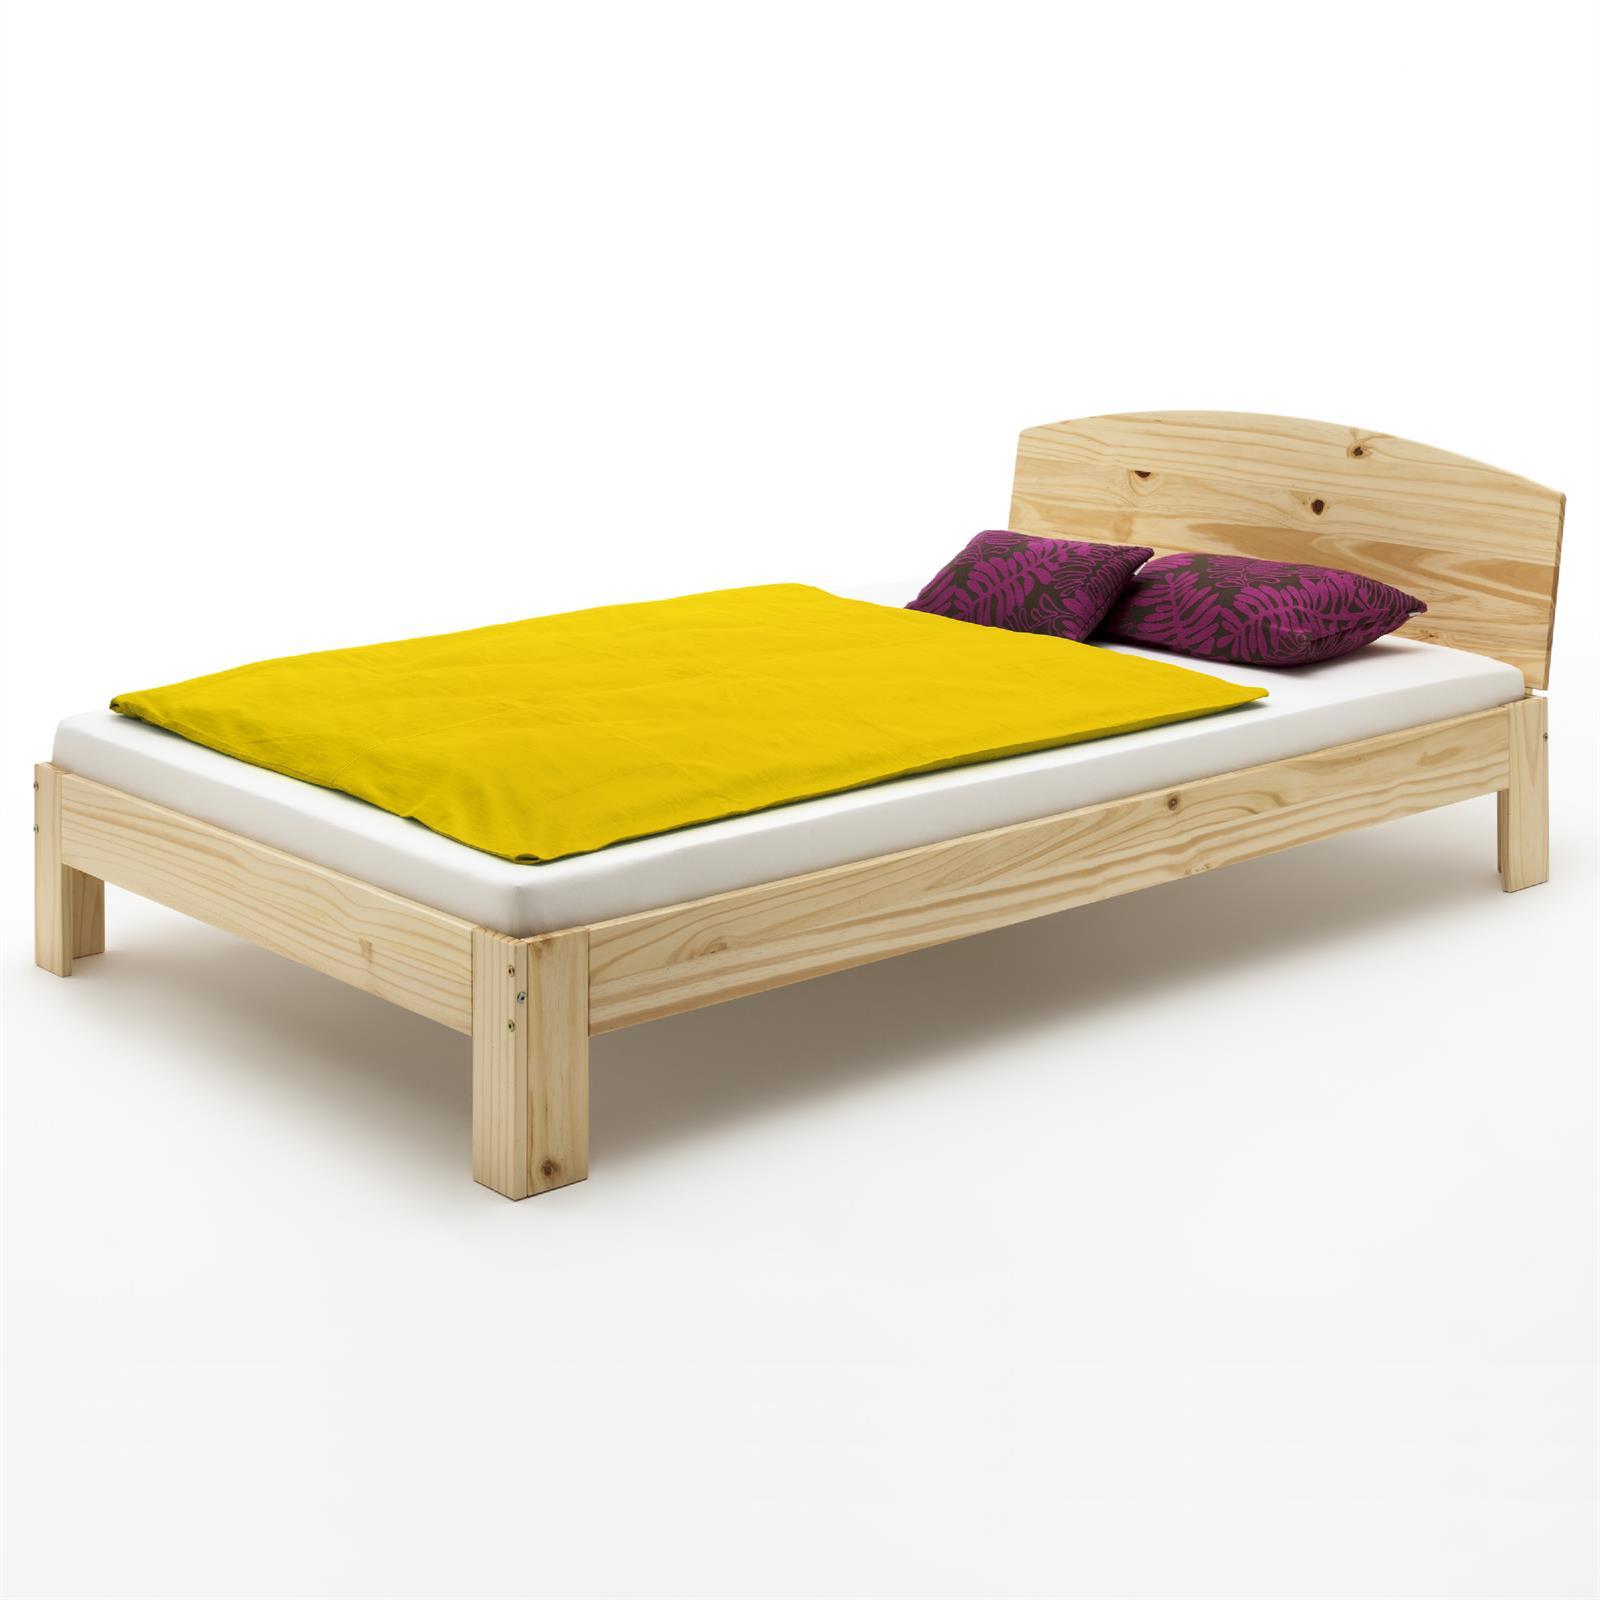 Massivholz doppelbett 140 x 200 cm natur caro m bel for Doppelbett 140